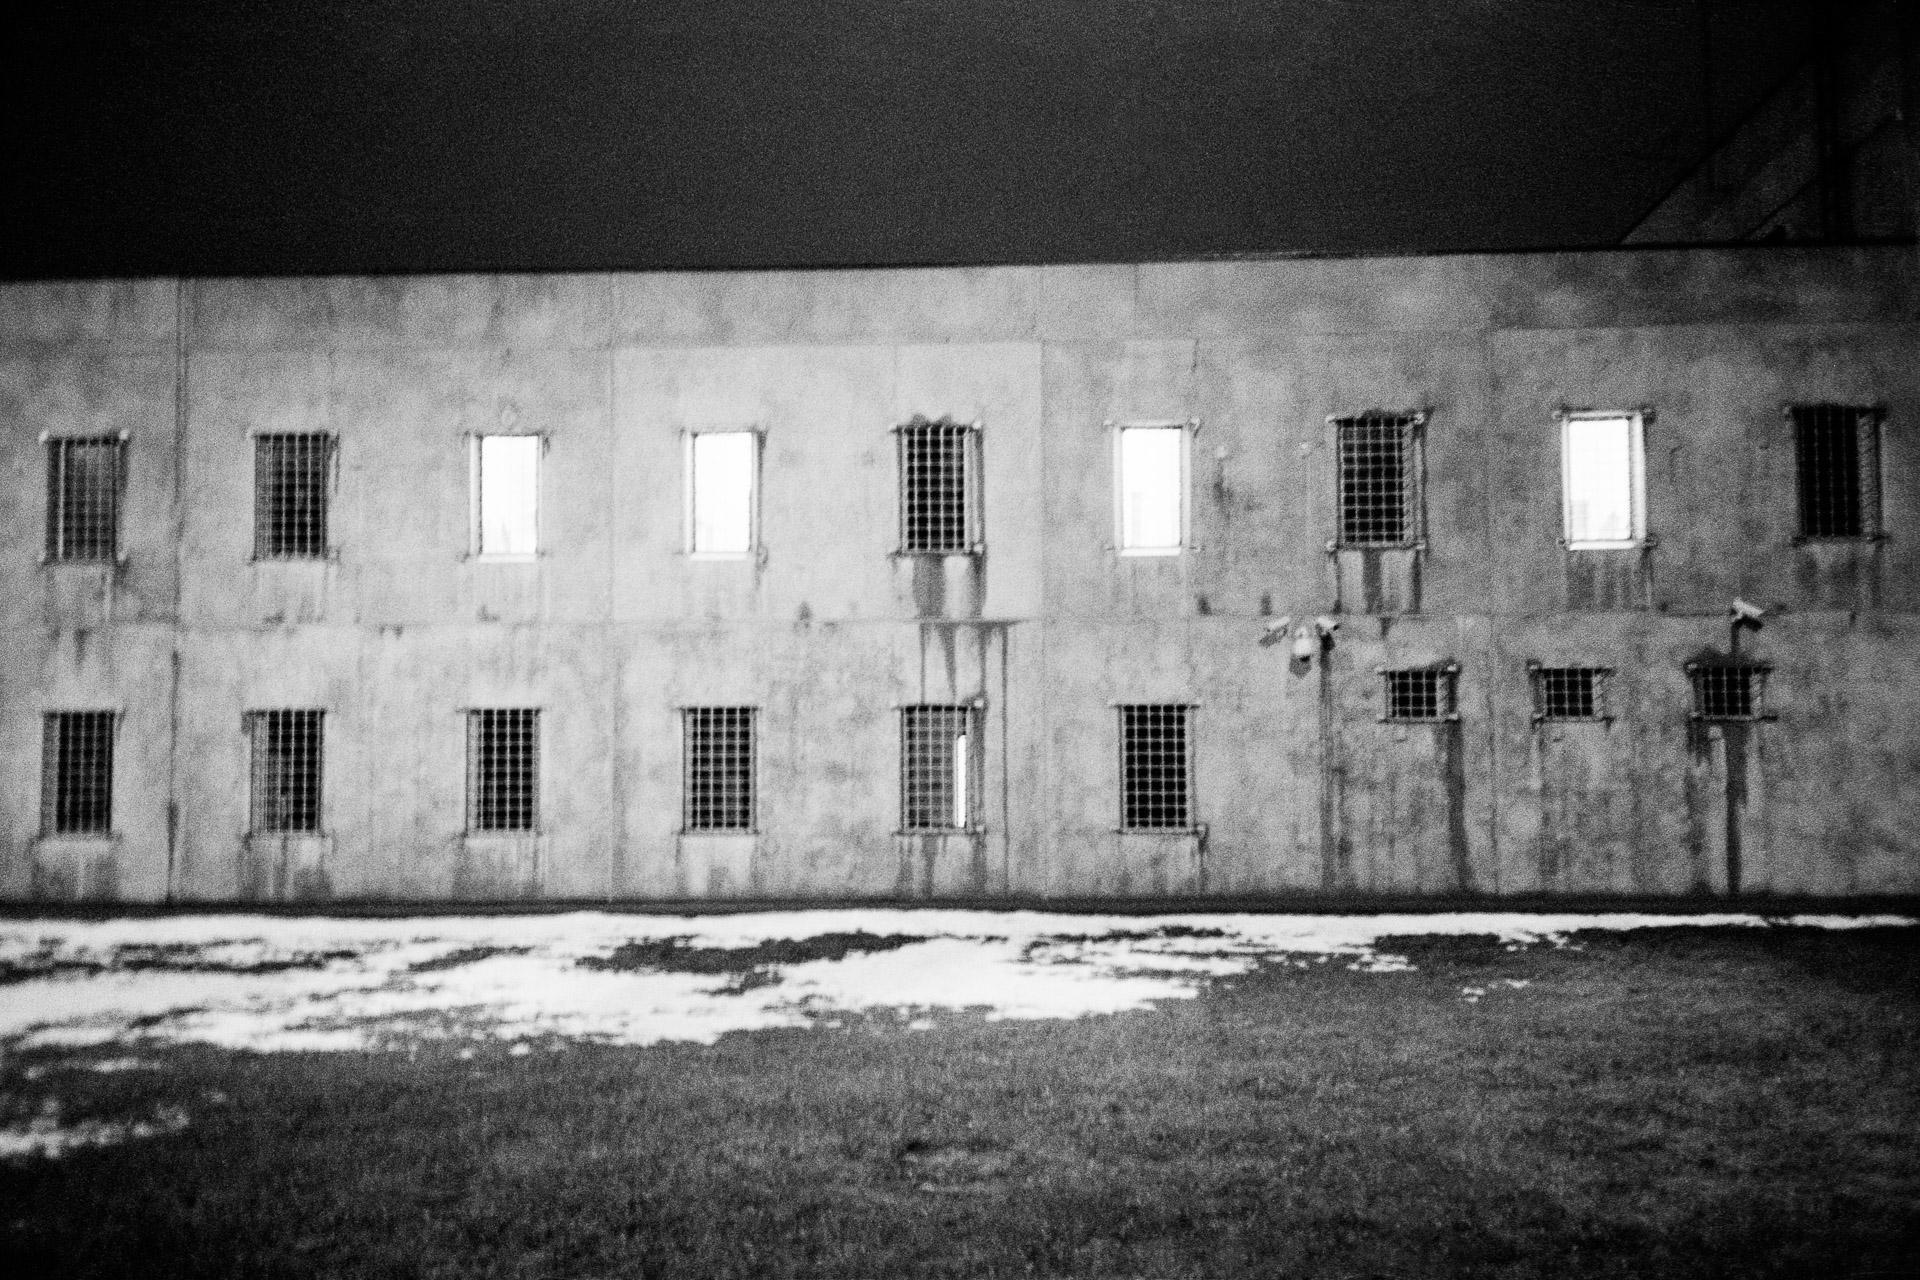 This building is inhabited by 19 prisoners in remand detention. In 2018, 39 young men were incarcerated in Latvia. The other 20, who had been sentenced, were kept in a separate building. All were indicted when they were minors. They can be held in CAIN starting at age 14, and they can stay there until age 25. They are thus protected from the adult prison world, which is presented as being tougher. Ici le bâtiment occupé par les 19 prisonniers en détention provisoire. En 2018, en Lettonie, 39 jeunes hommes sont incarcérés. Les 20 autres jeunes dont le jugement a été prononcé sont enfermé dans un bâtiment séparé. Tous ont été inculpés alors qu'ils étaient mineurs. Le CAIN incarcère des jeunes dès 14 ans. Pour les préserver de l'environnement carcéral adulte plus dur. Ils peuvent rester emprisonné jusqu'à leur 25 ans. © Jérémie Jung